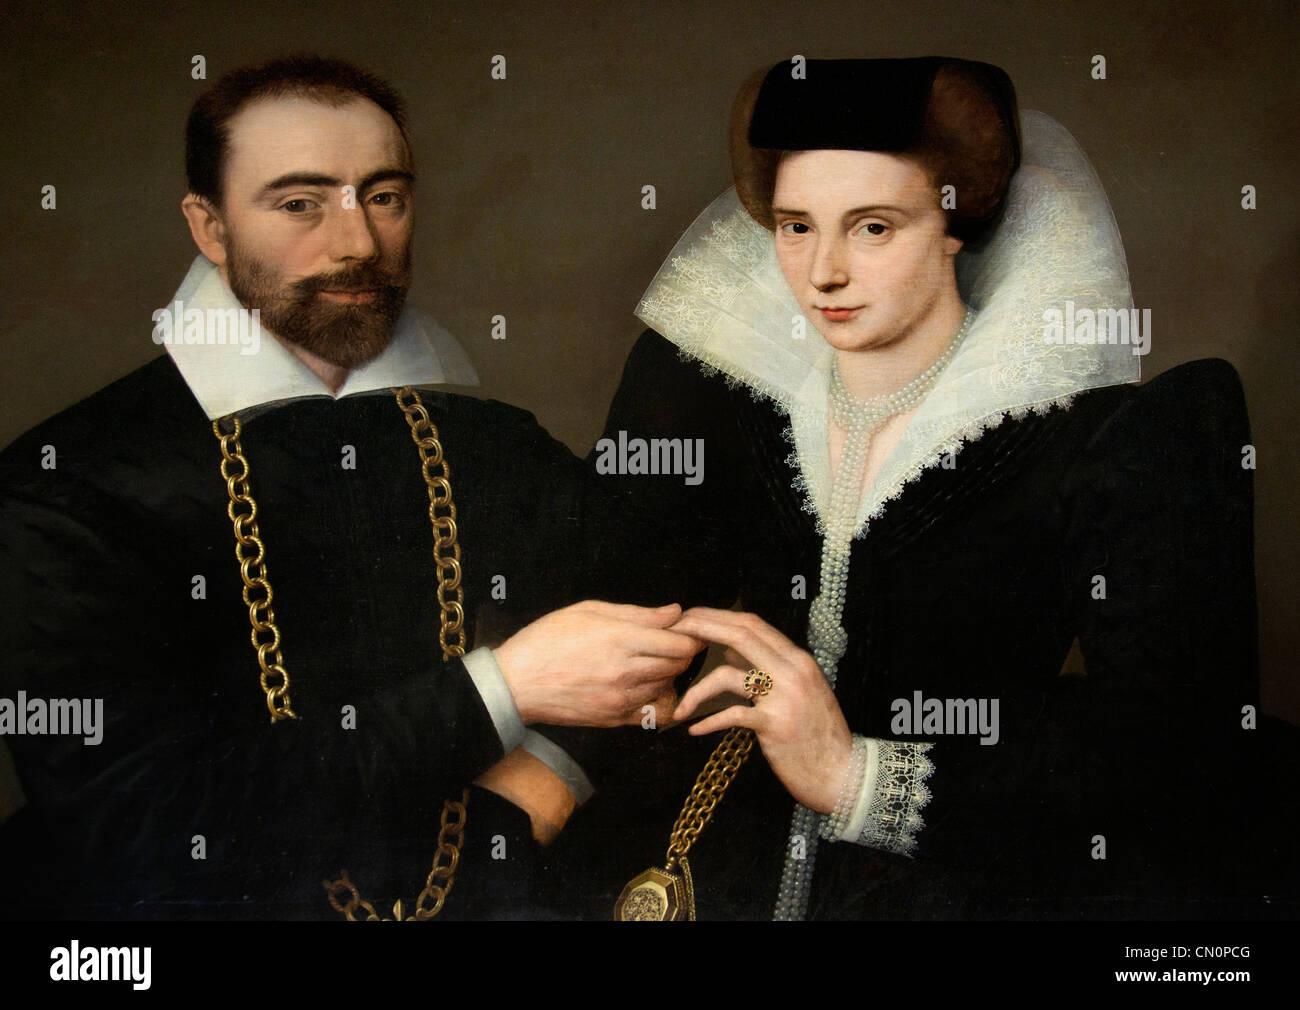 Ecole Francaise portrait d un couple 1610 French School - Stock Image